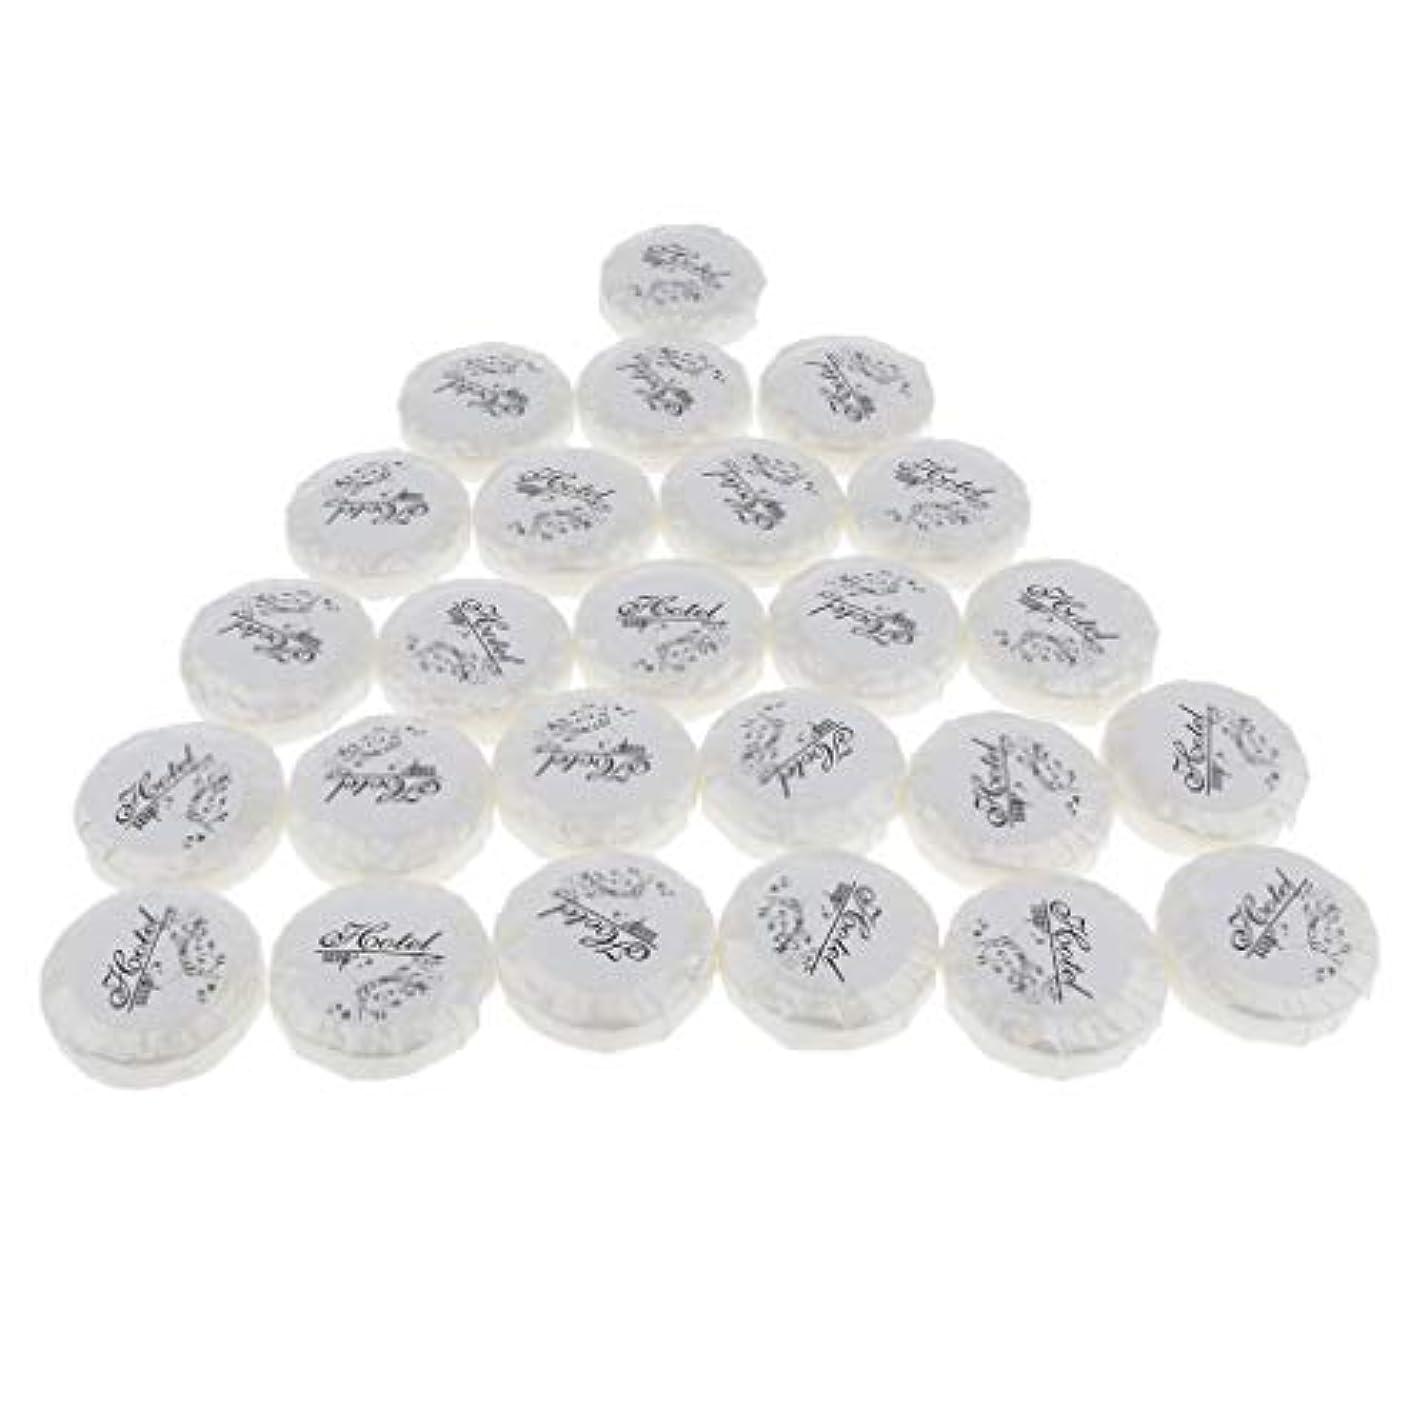 の間で発表する熟達Hellery 石鹸 無添加 洗顔石鹸 植物油 軽い香り 清潔 リフレッシュ ミニサイズ 携帯 旅行用 約150個 - 11g